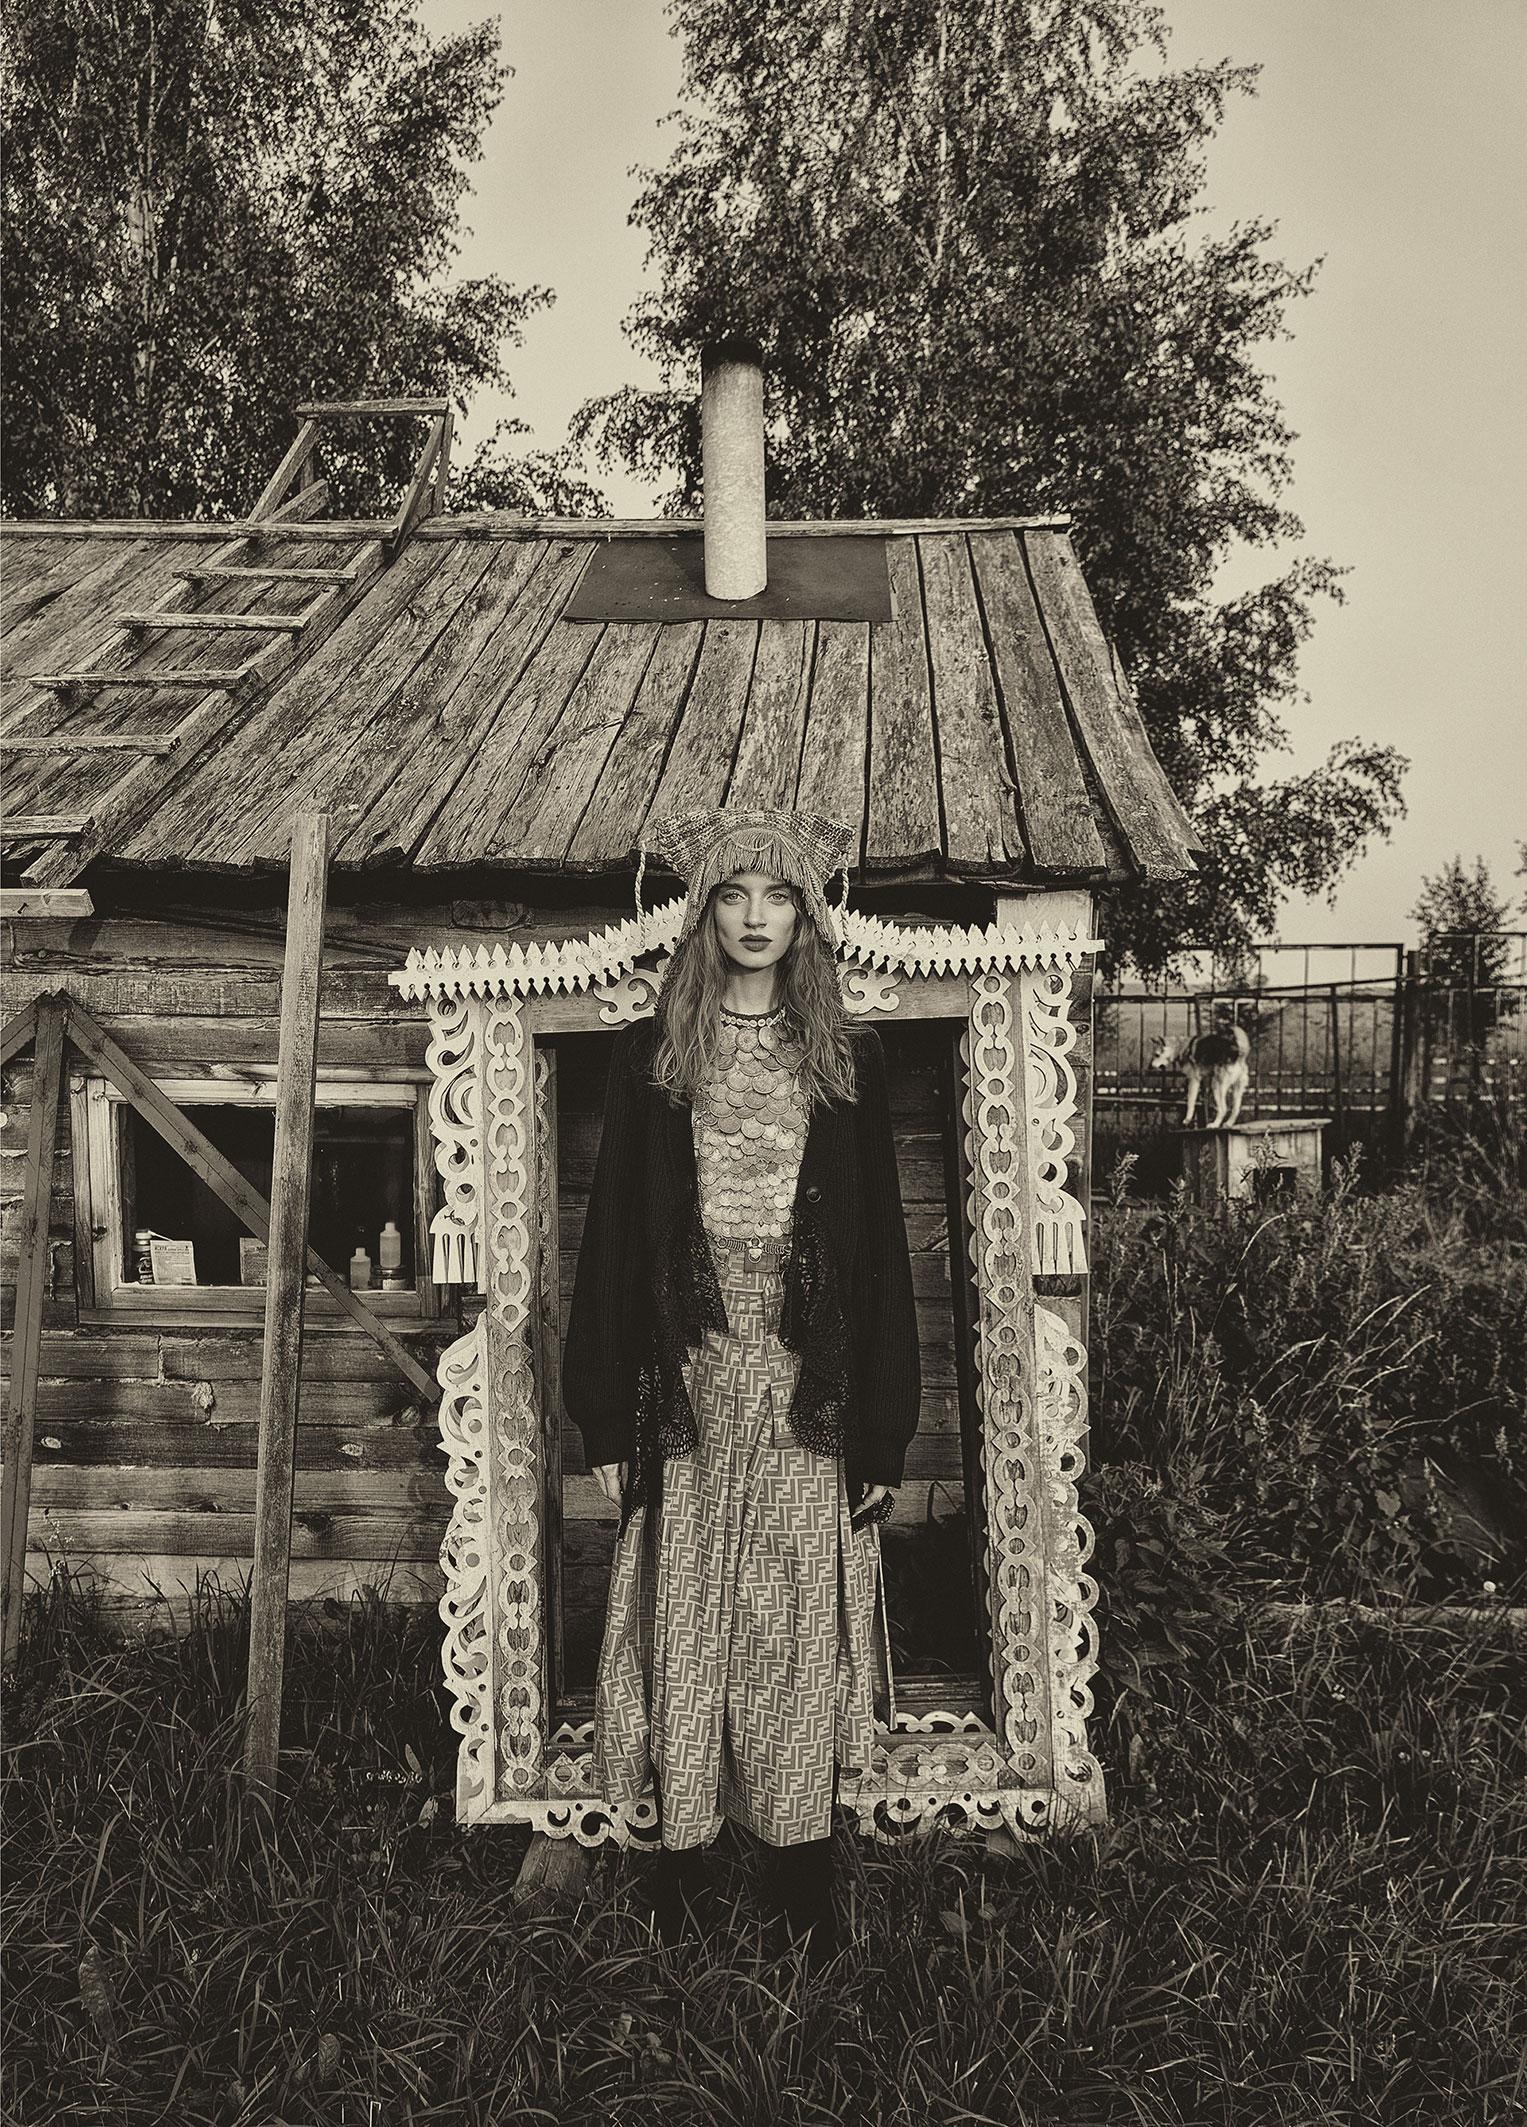 Модные наряды в деревенских интерьерах / фото 18